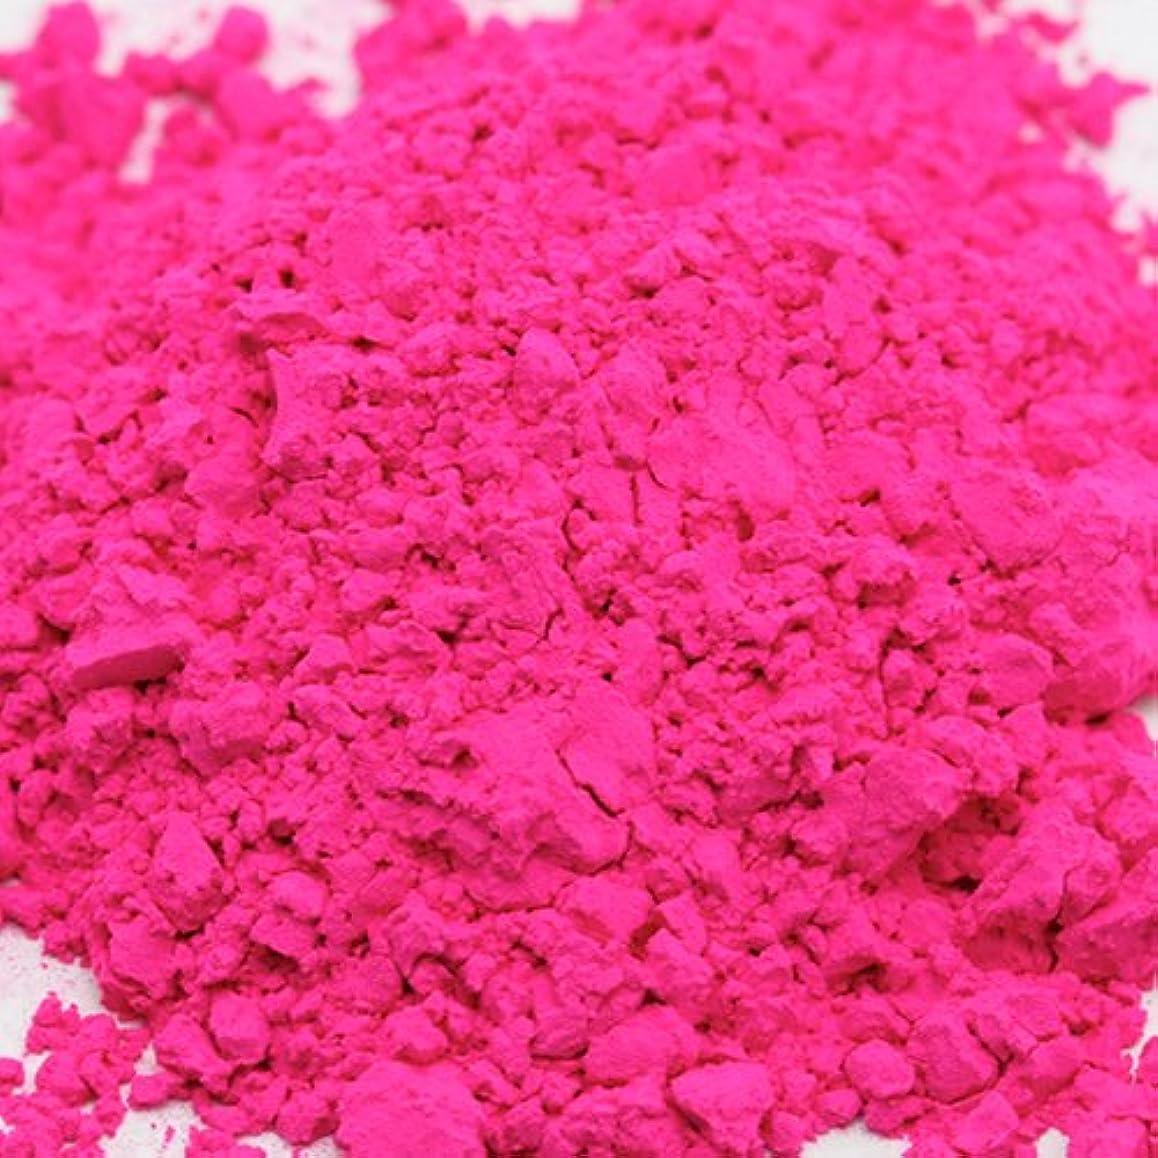 発火する挨拶するメロディアスキャンディカラー ピンク 5g 【手作り石鹸/手作りコスメ/色付け/カラーラント】